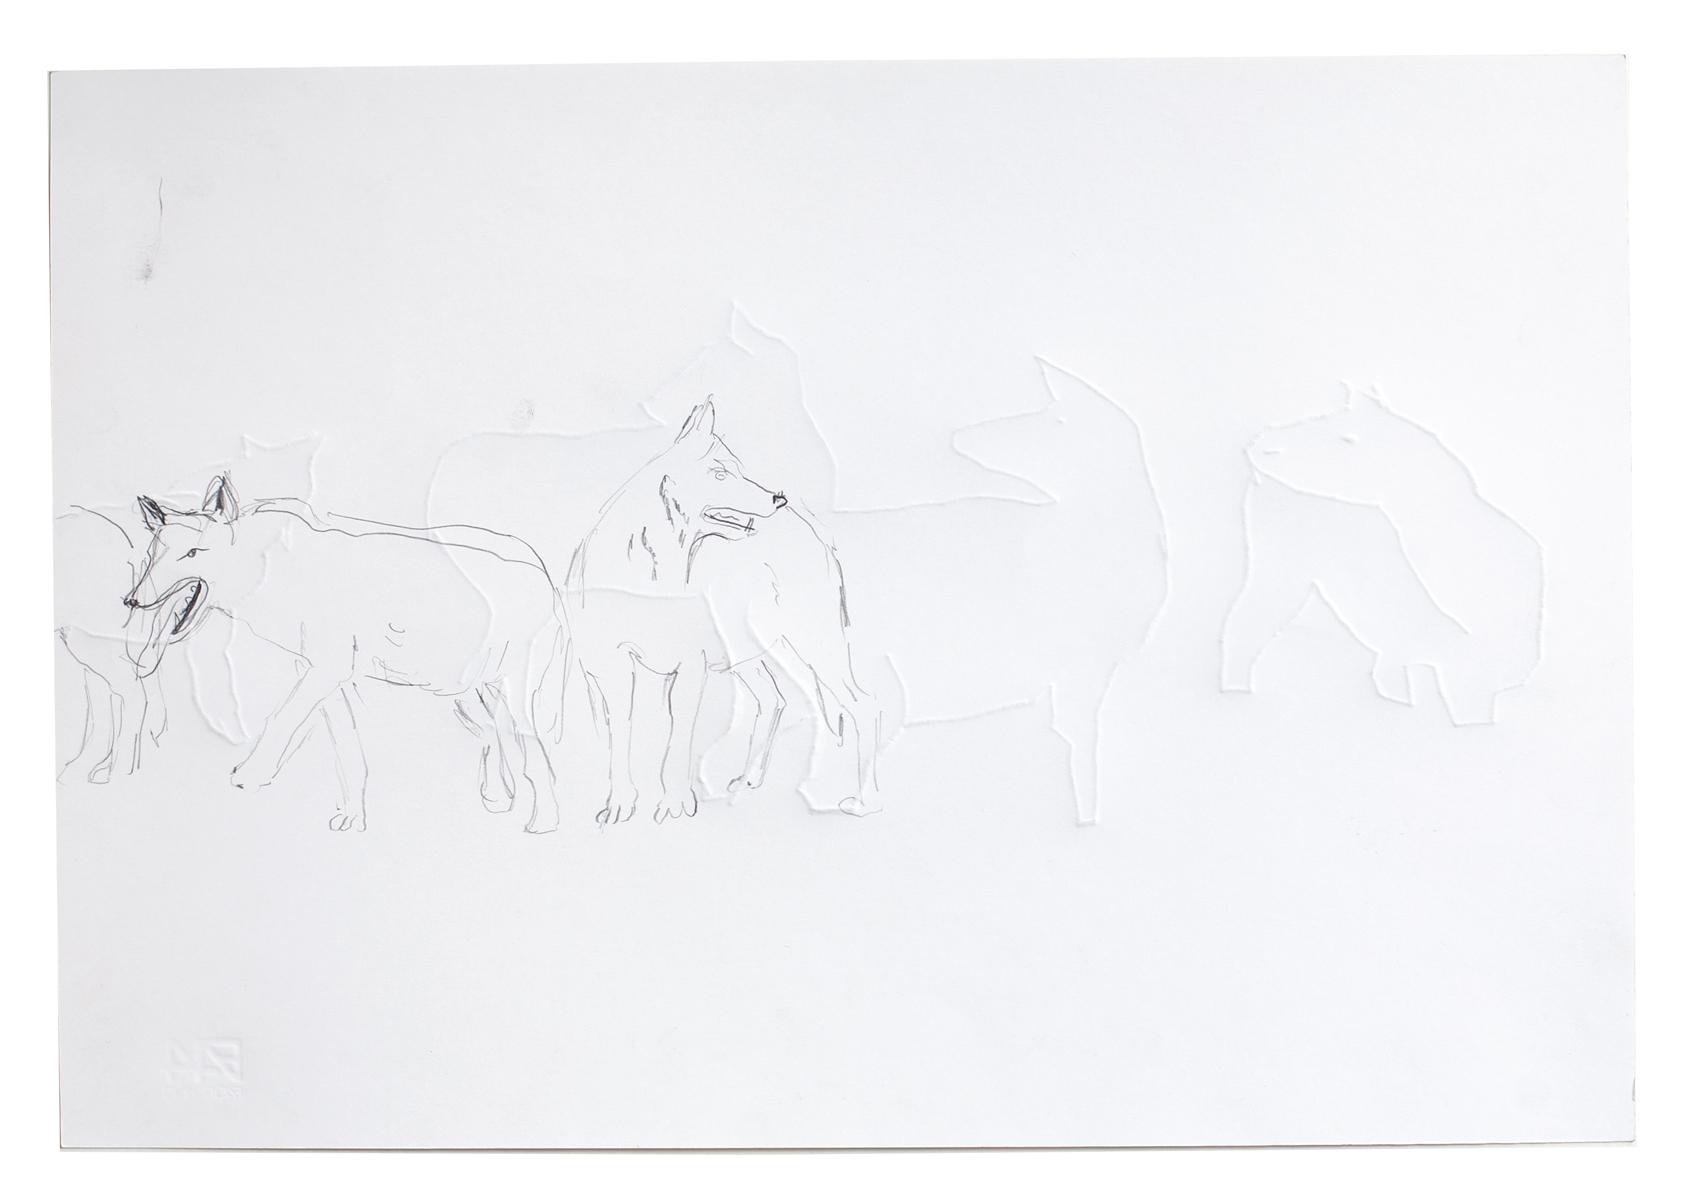 ohne Titel_2008 / 48,5 x 33 cm_Bleistift/Papier